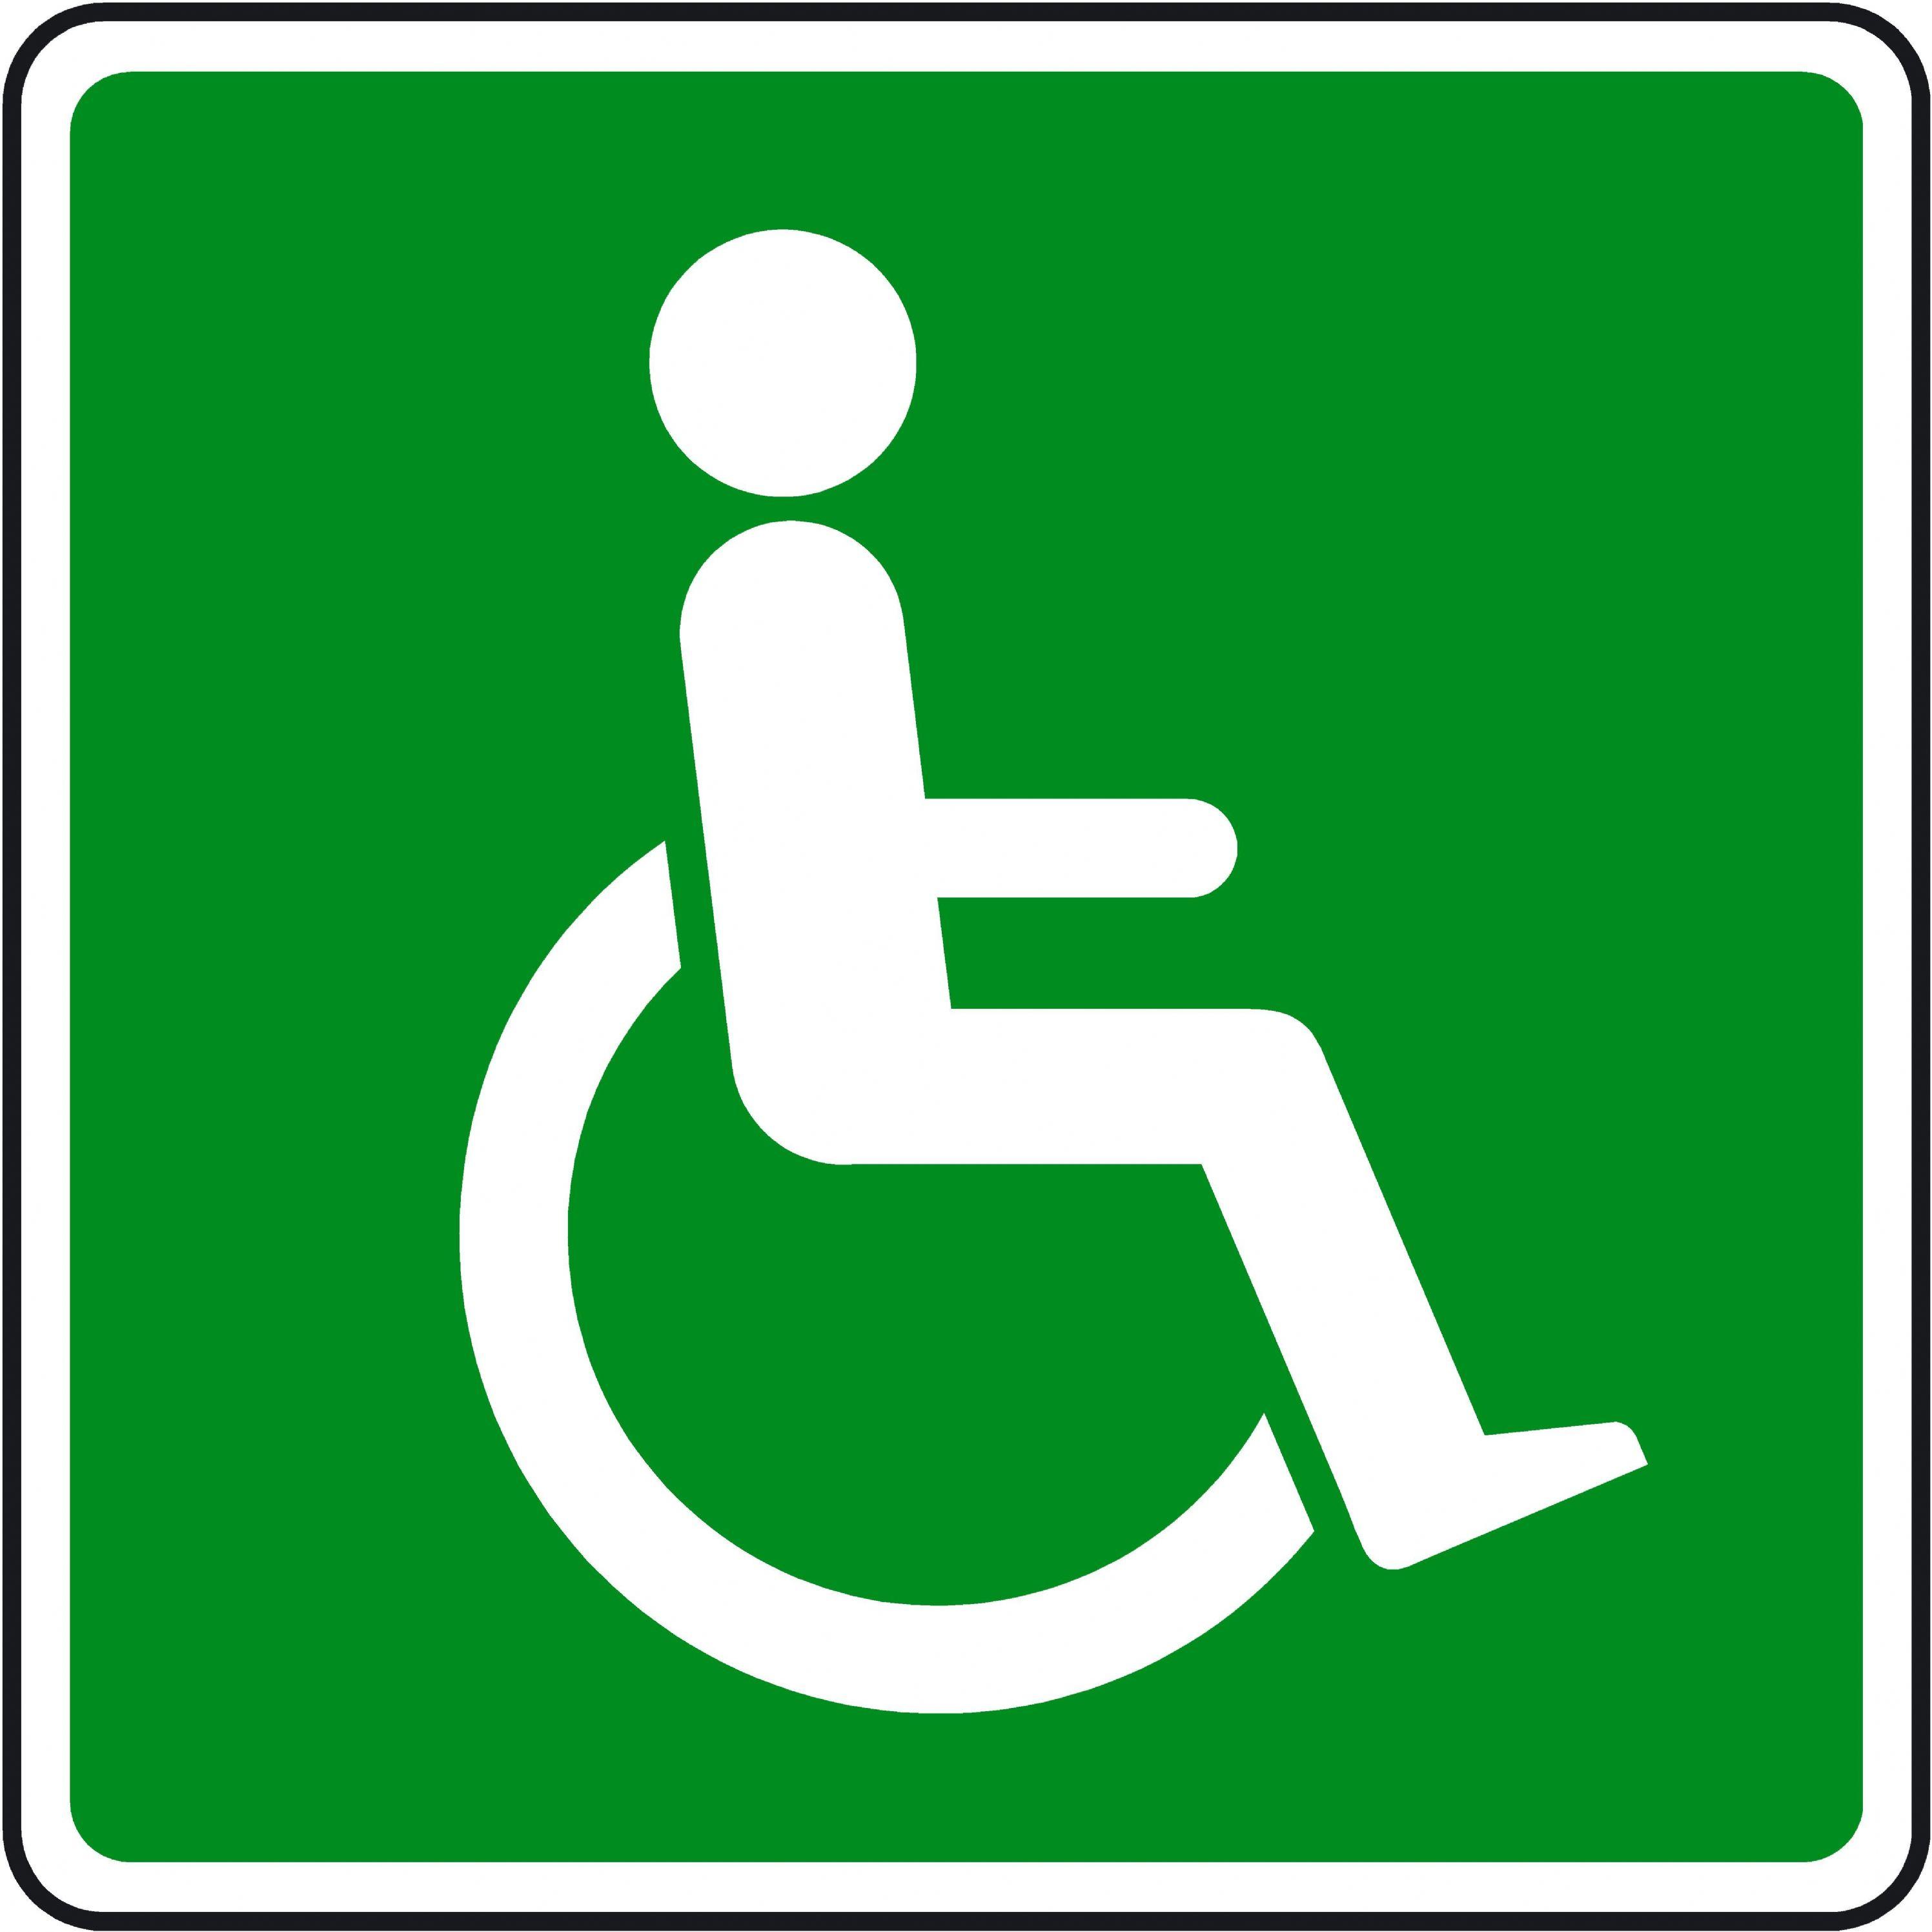 2993x2993 Symbol Clipart Handicap